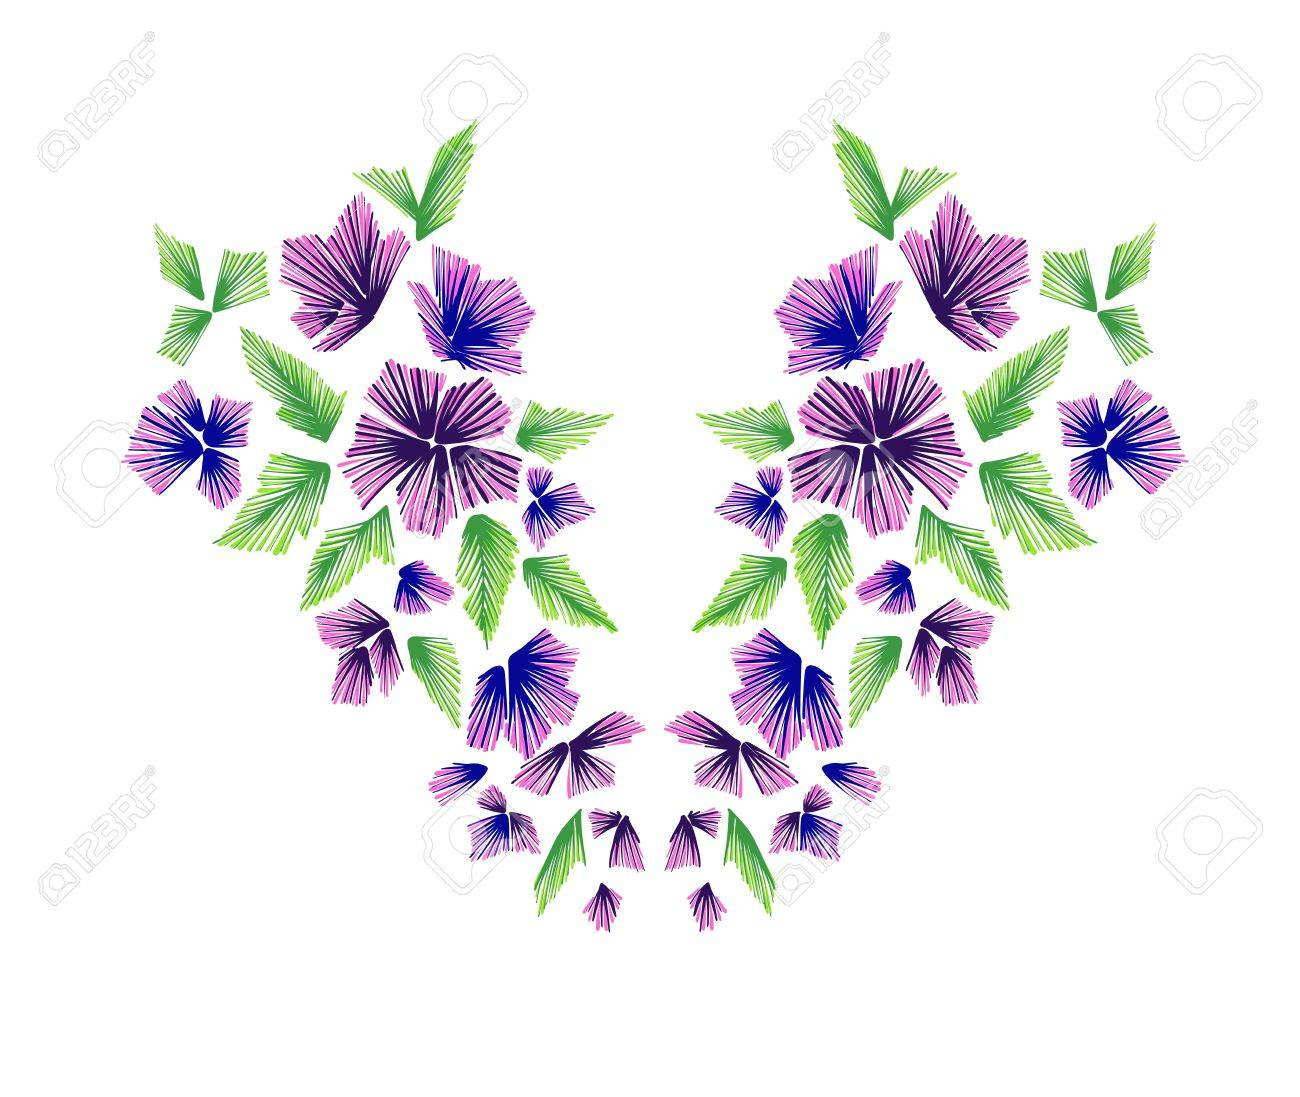 Teste Padrao Floral Desenhos De Linha Pescoco Vector A